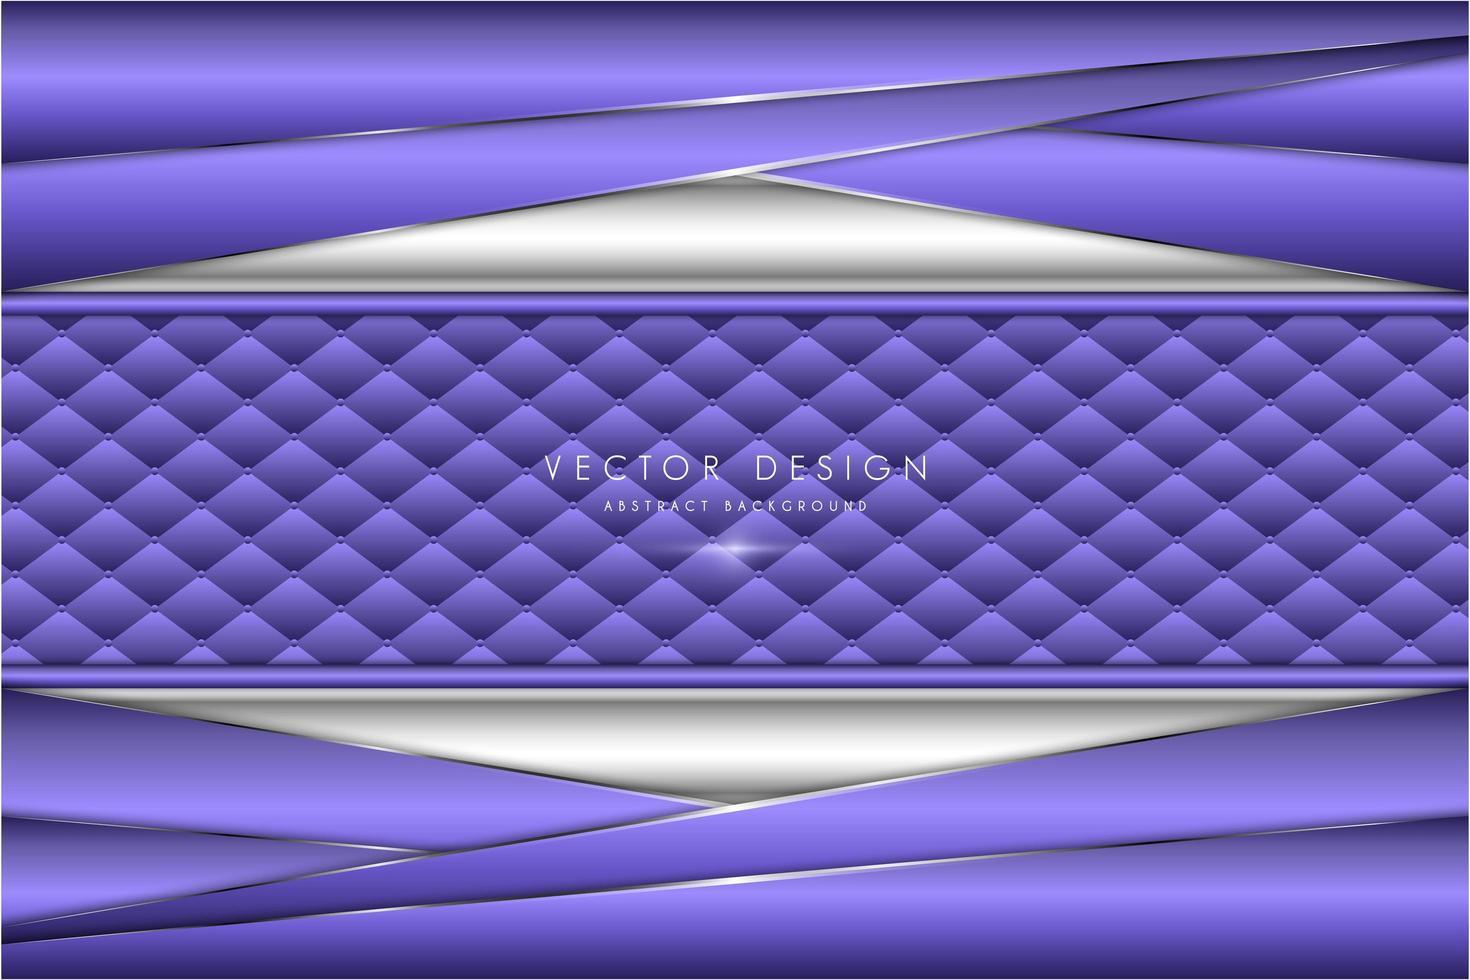 plaques métalliques violettes et argent à angle avec texture de rembourrage vecteur